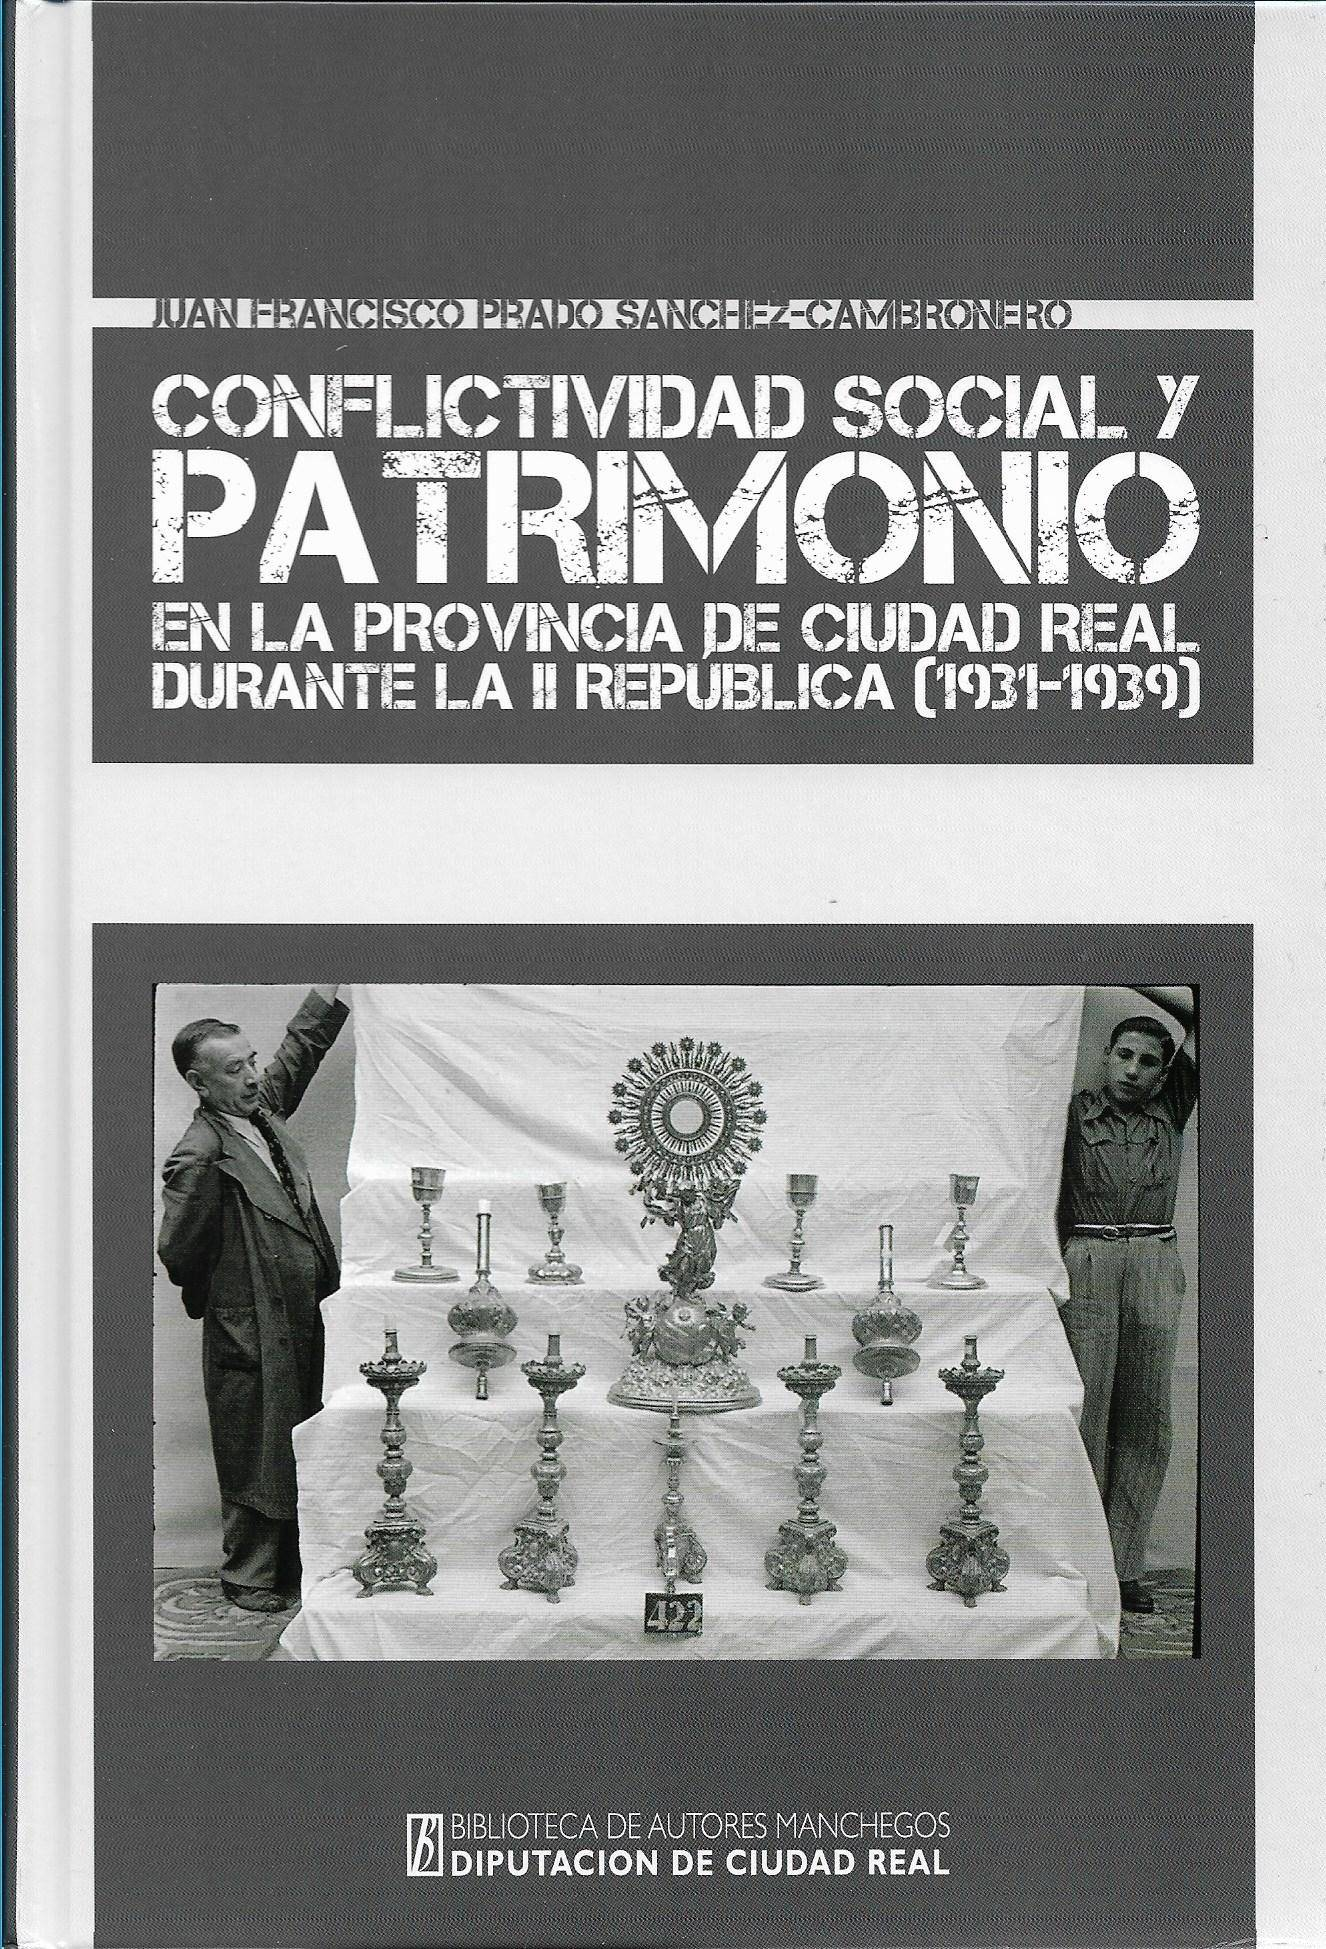 Conflictividad Social y Patrimonio en la provincia de Ciudad Real durante la II Rep%C3%BAblica 1931 1939 Juan Francisco Prado - Juan Francisco Prado presenta su libro Conflictividad Social y Patrimonio